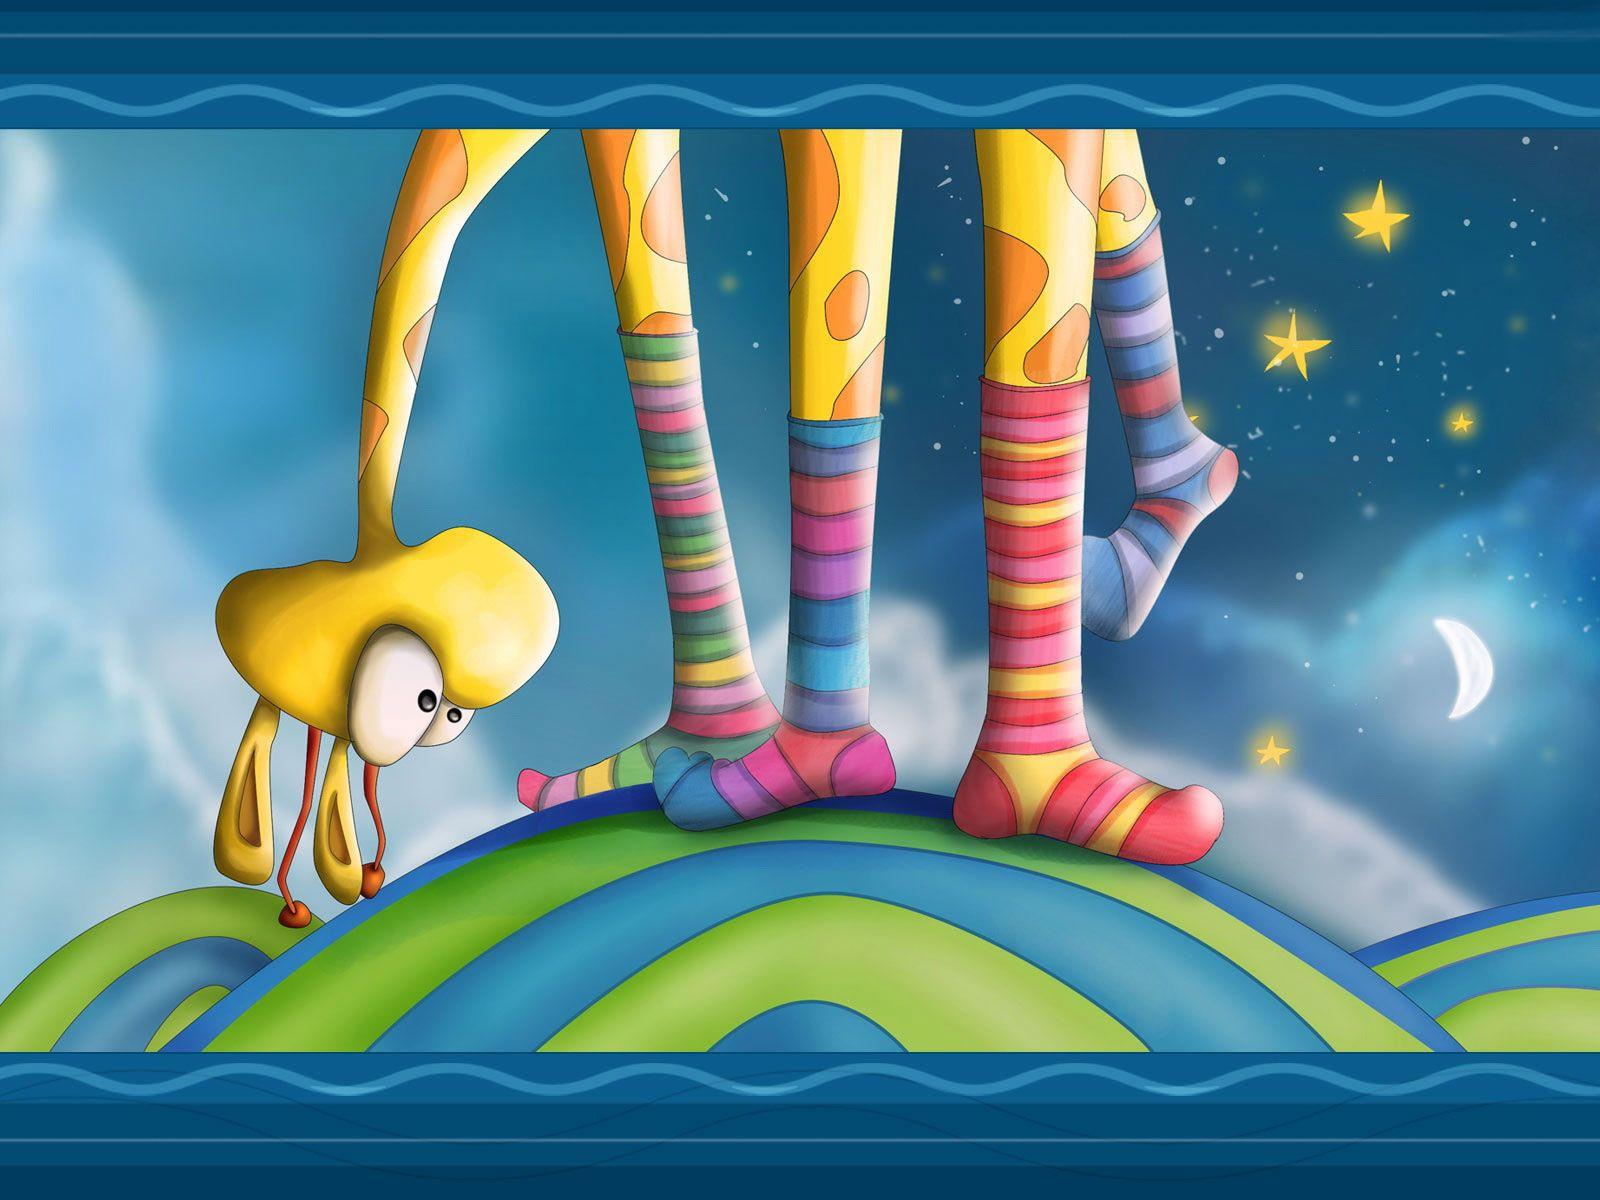 d giraffe desktop background hd wallpaper abstract wallpapers 3d